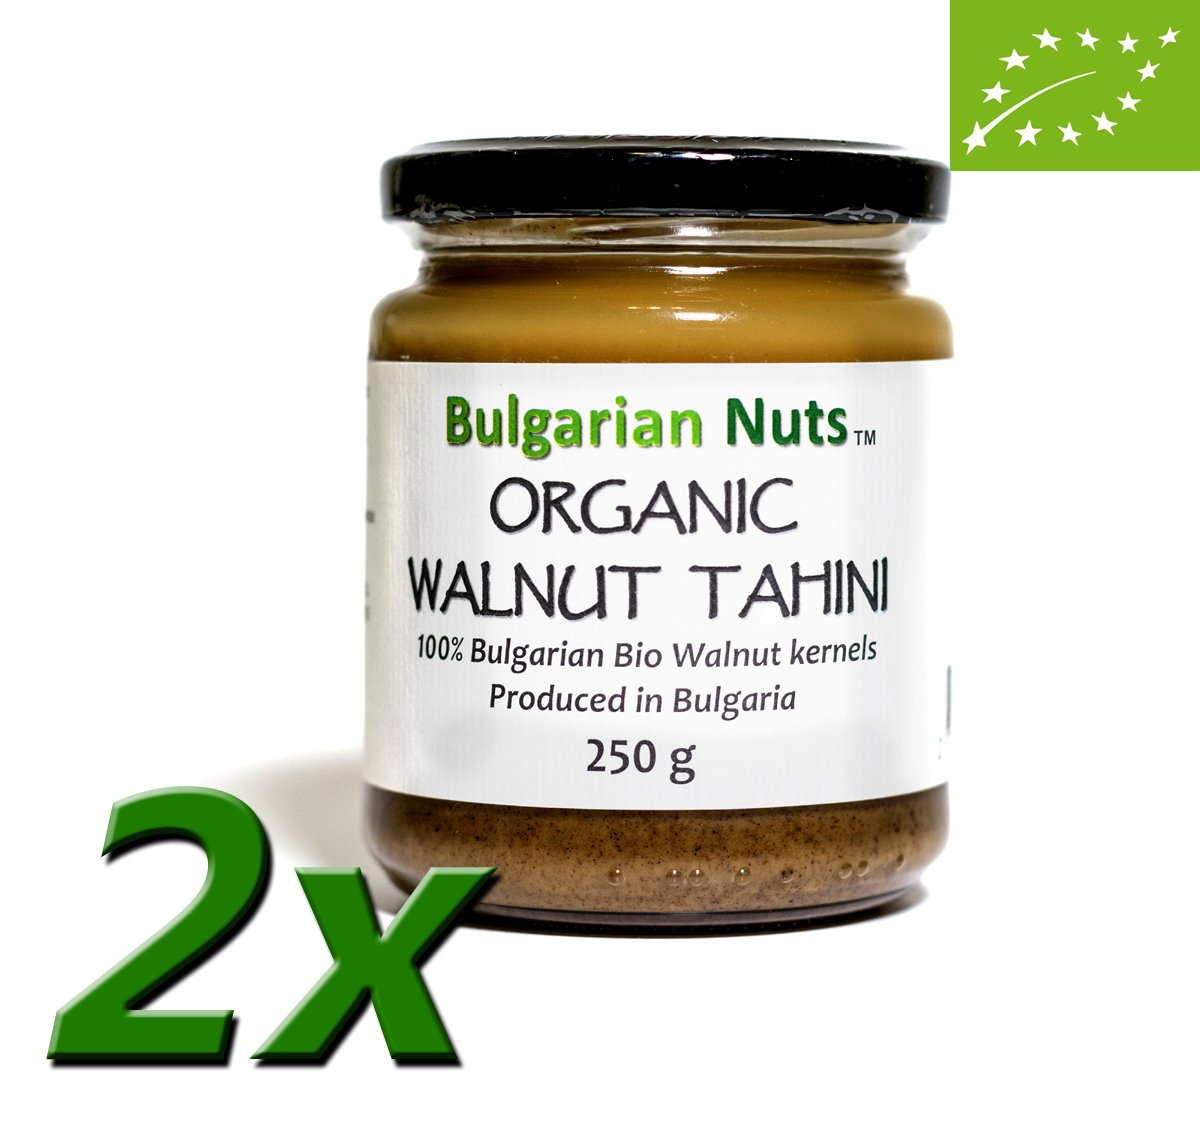 500 g Manteca de nuez orgánica/Tahini - Bulgarian Nuts®: Amazon.es: Alimentación y bebidas